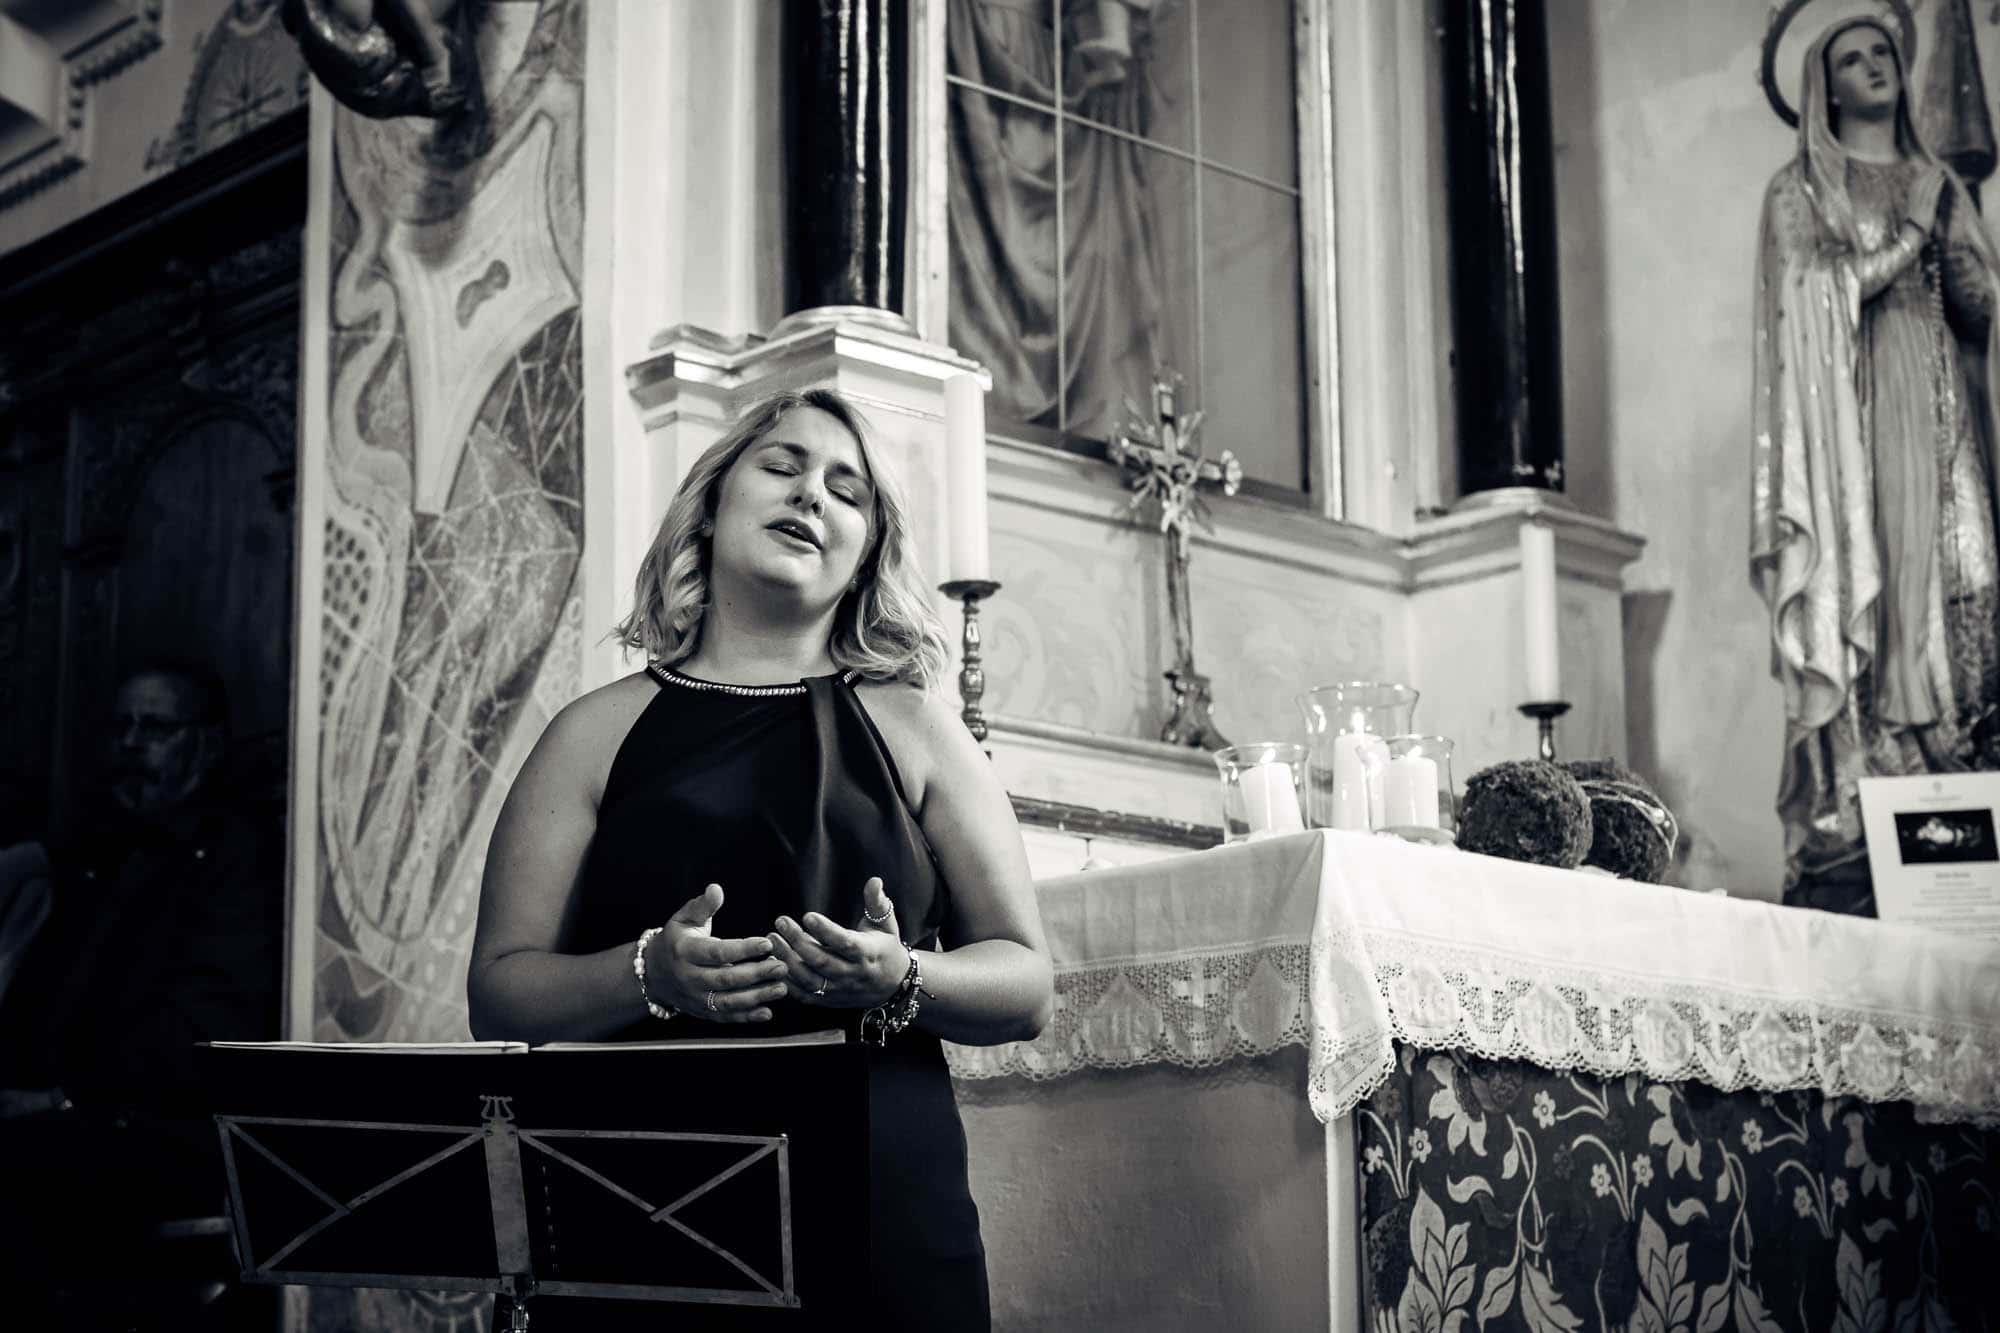 Sängerin neben Maria Statue